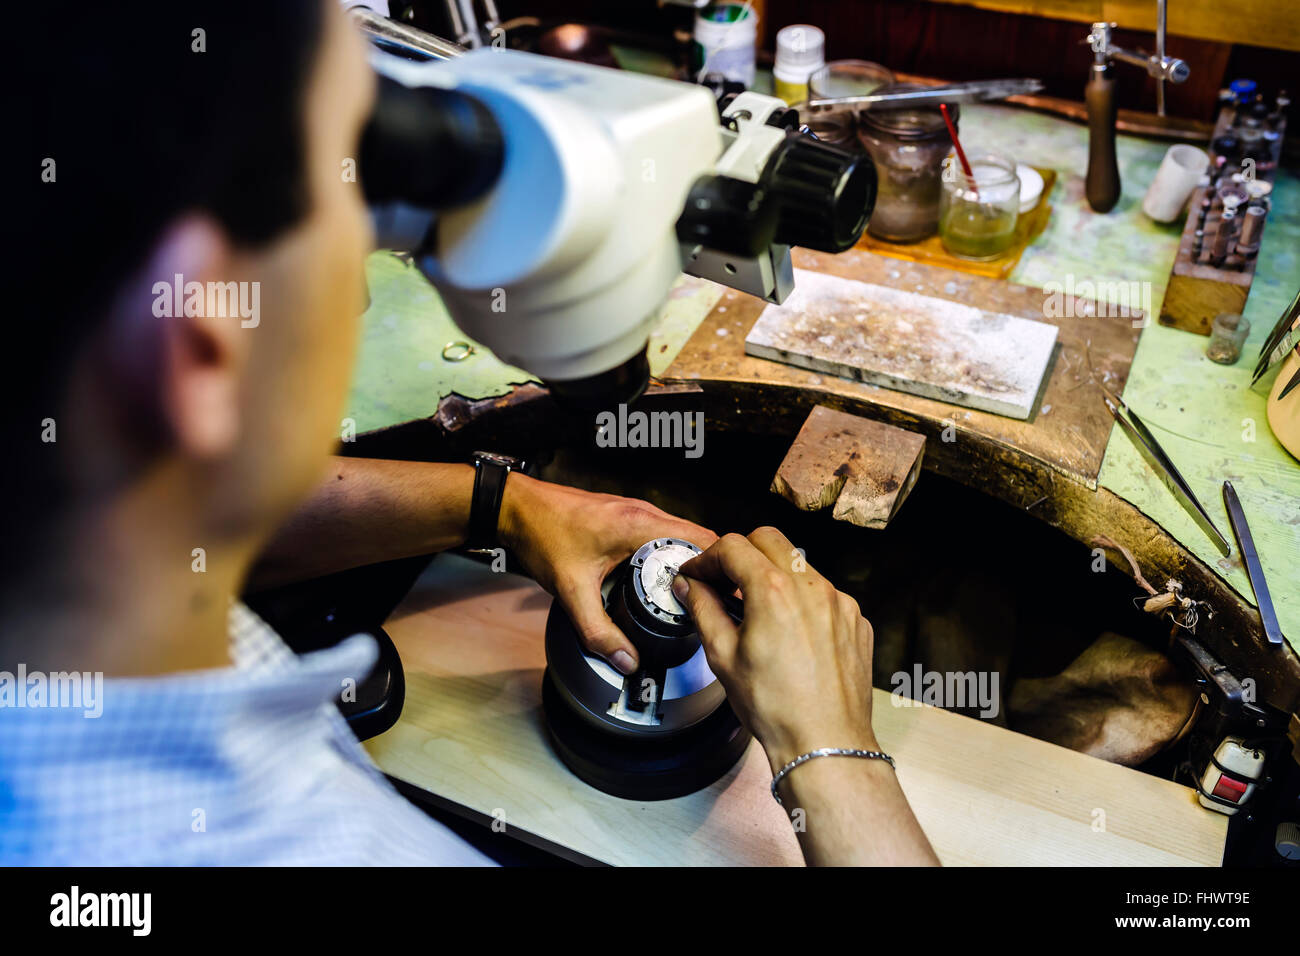 Un lavoro di precisione effettuata dal gioielliere in officina Immagini Stock